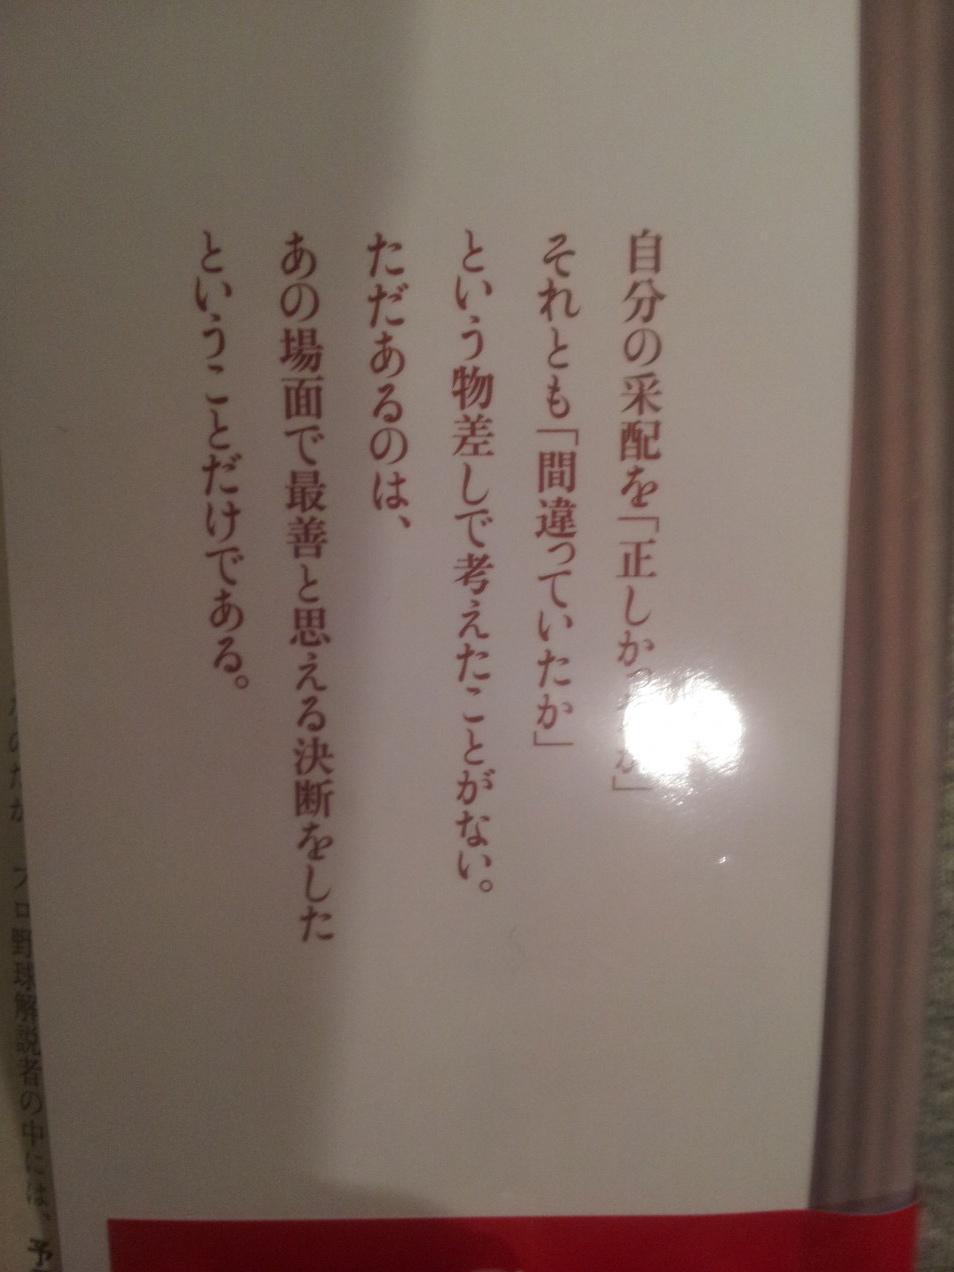 moblog_ded9bcc9.jpg